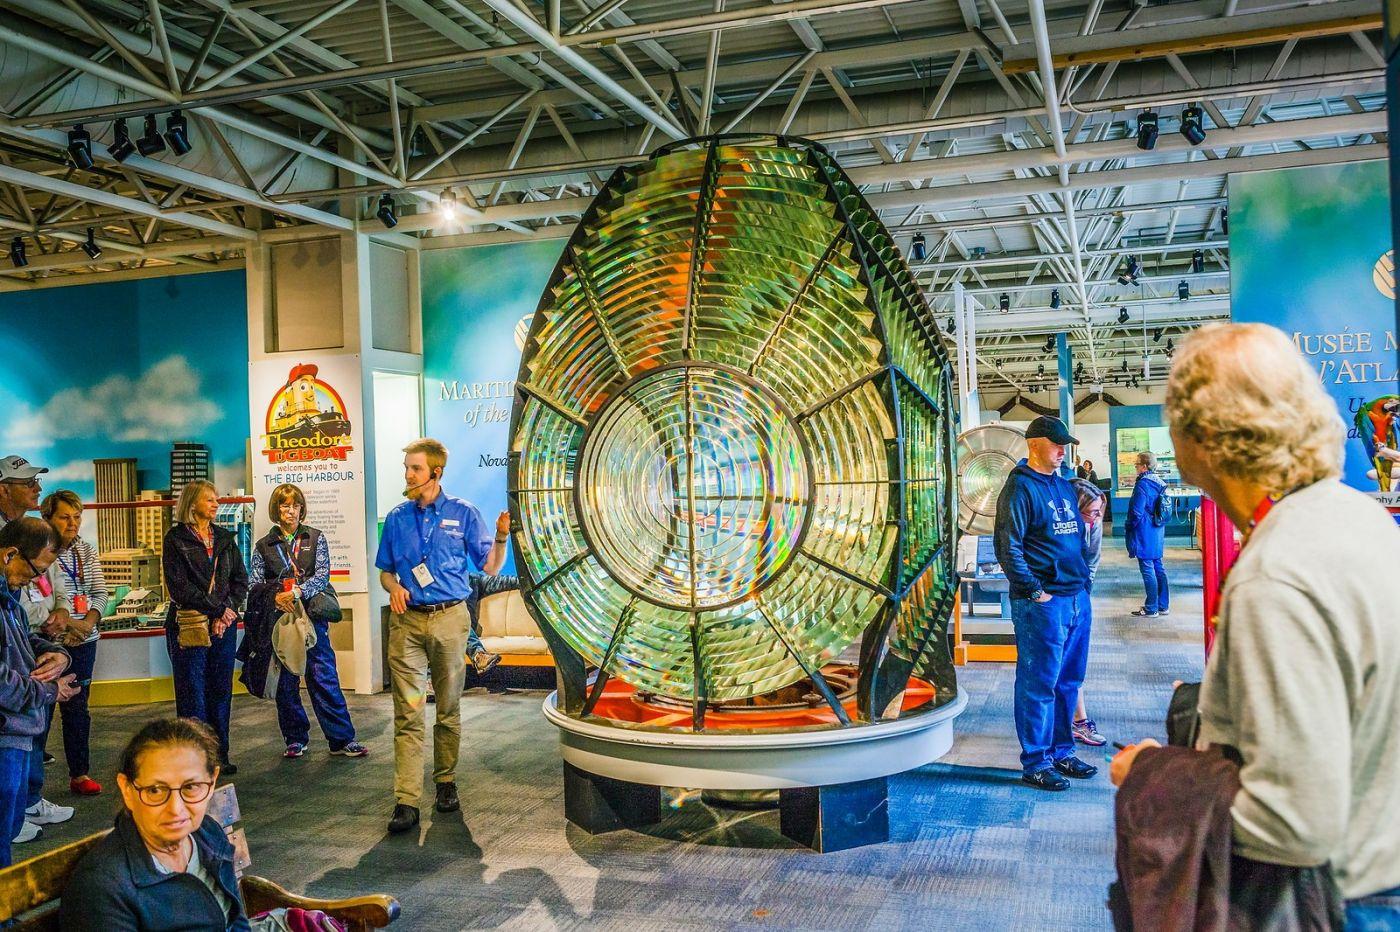 加拿大哈利法克斯(Halifax)大西洋海事博物馆_图1-22